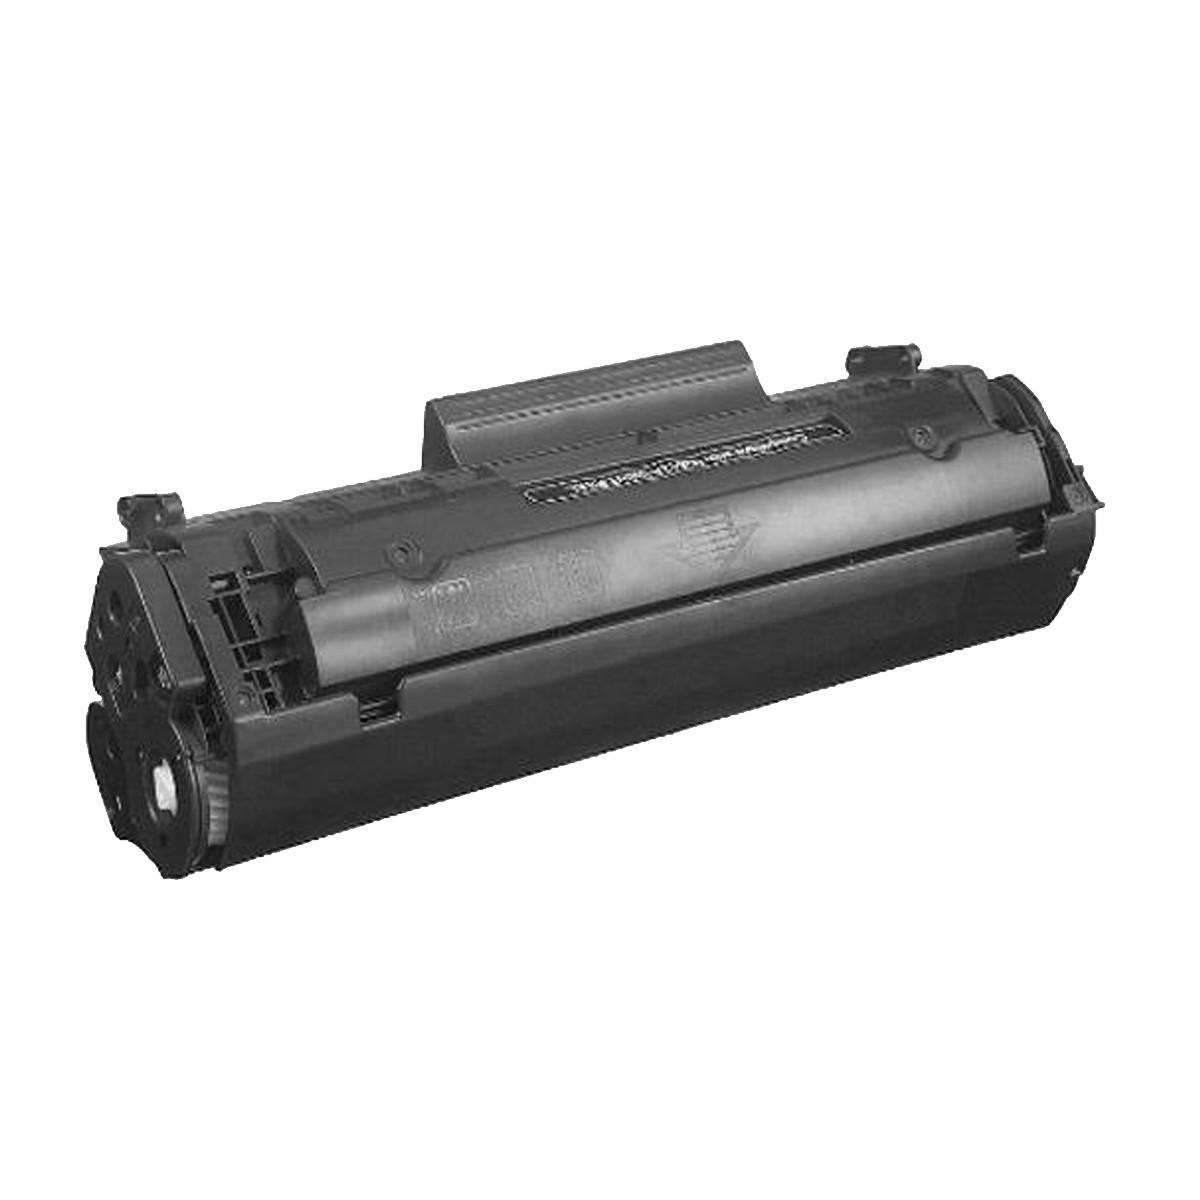 Toner Q2612A Q2612 2612 12A - 1018 1020 M1005 - Compativel FJ-LSMX-5VL9